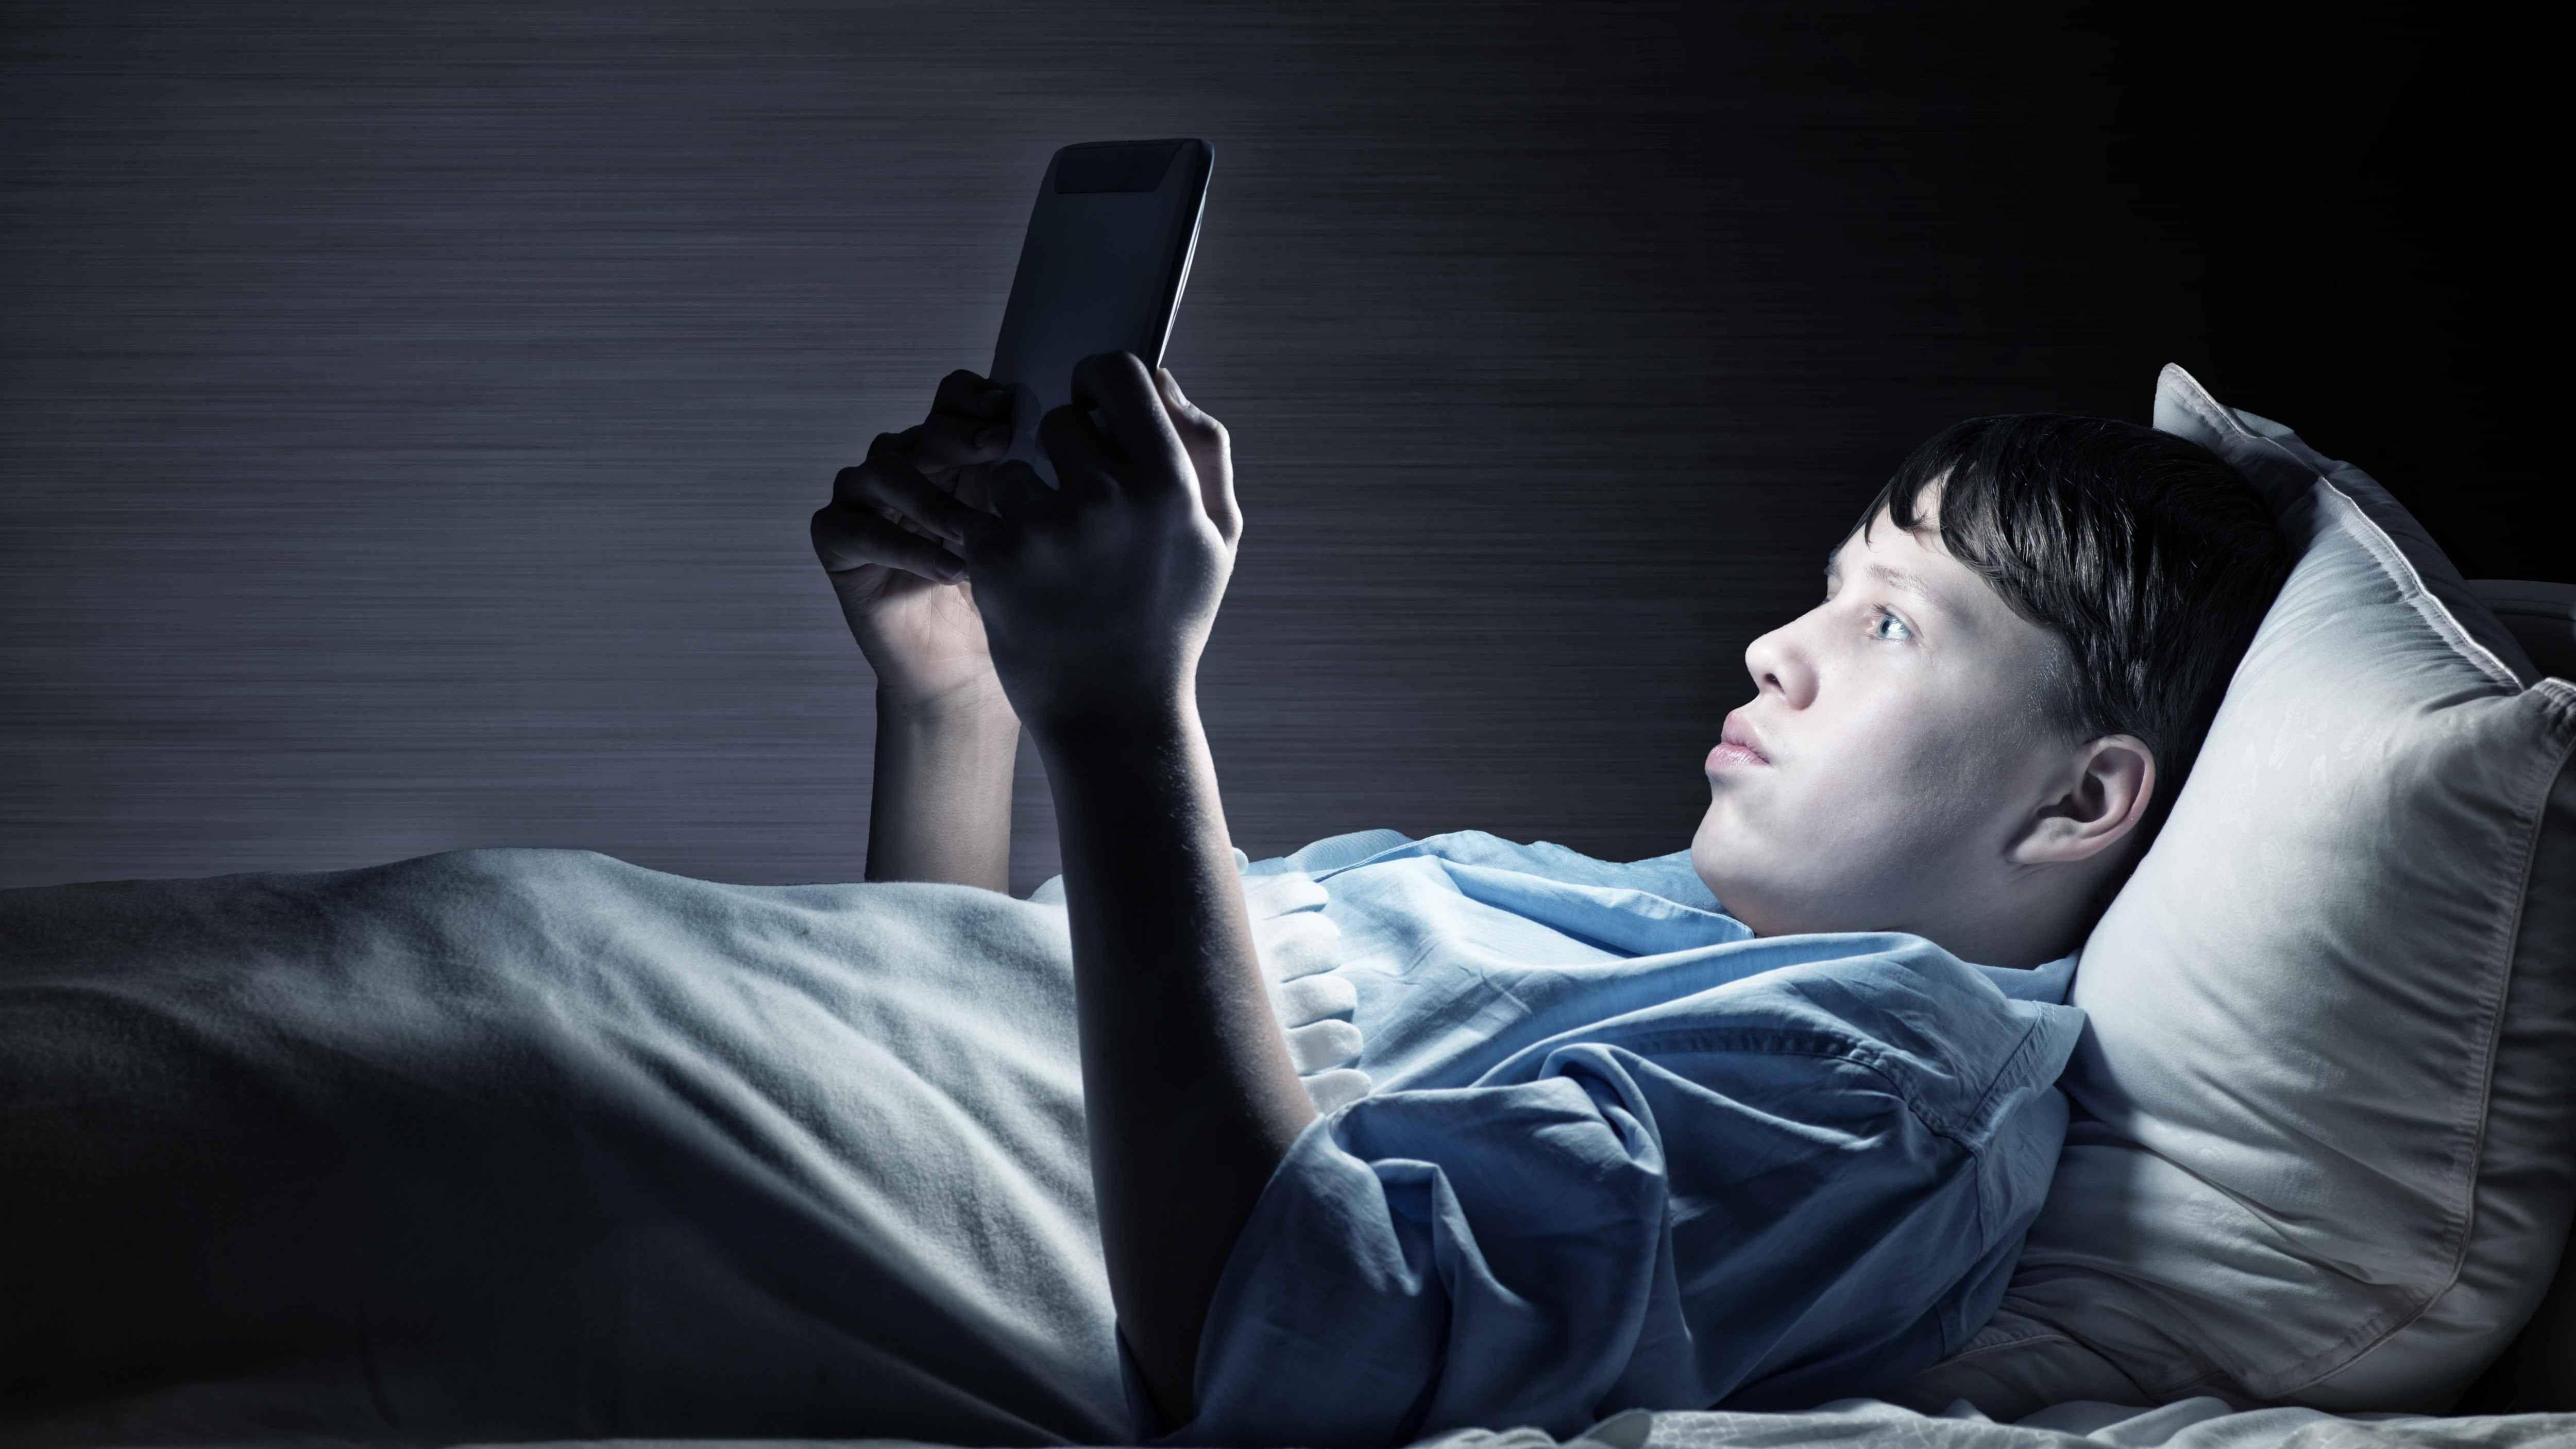 为什么手机用多了压力大?这个研究找到了原因